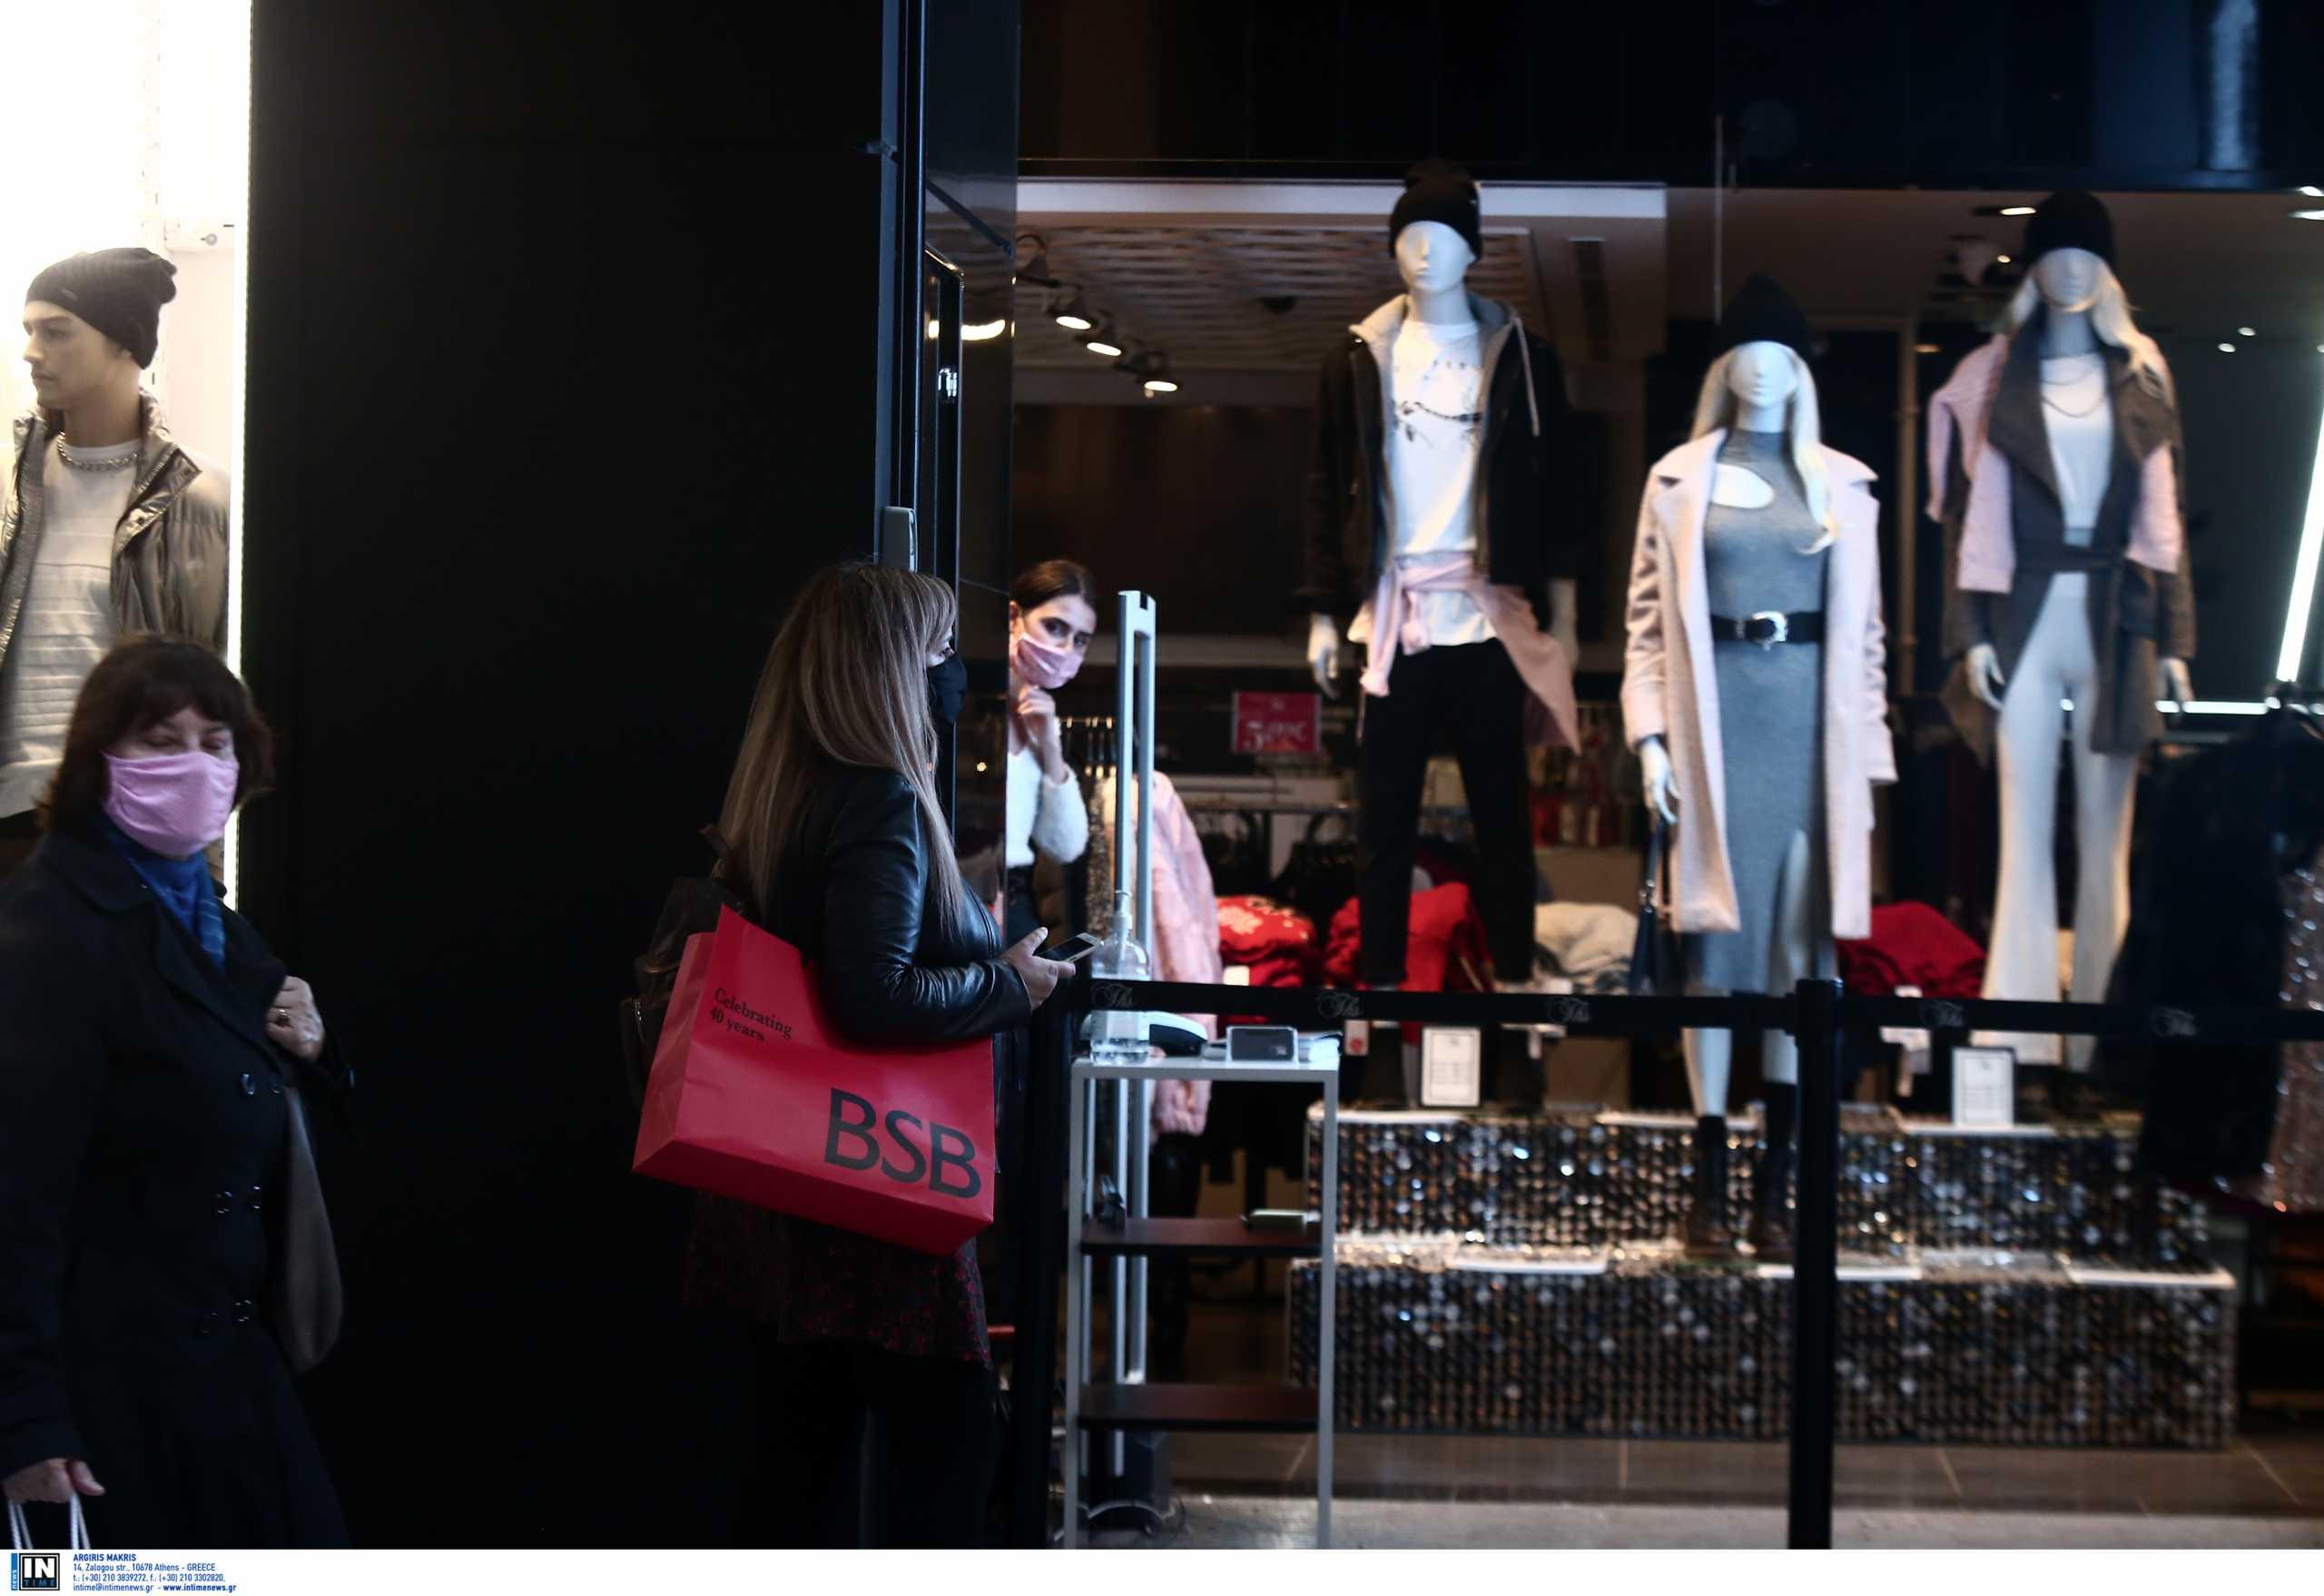 Εκπτώσεις από σήμερα αλλά με κλειστά μαγαζιά: Κραυγή αγωνίας από τους εμπόρους